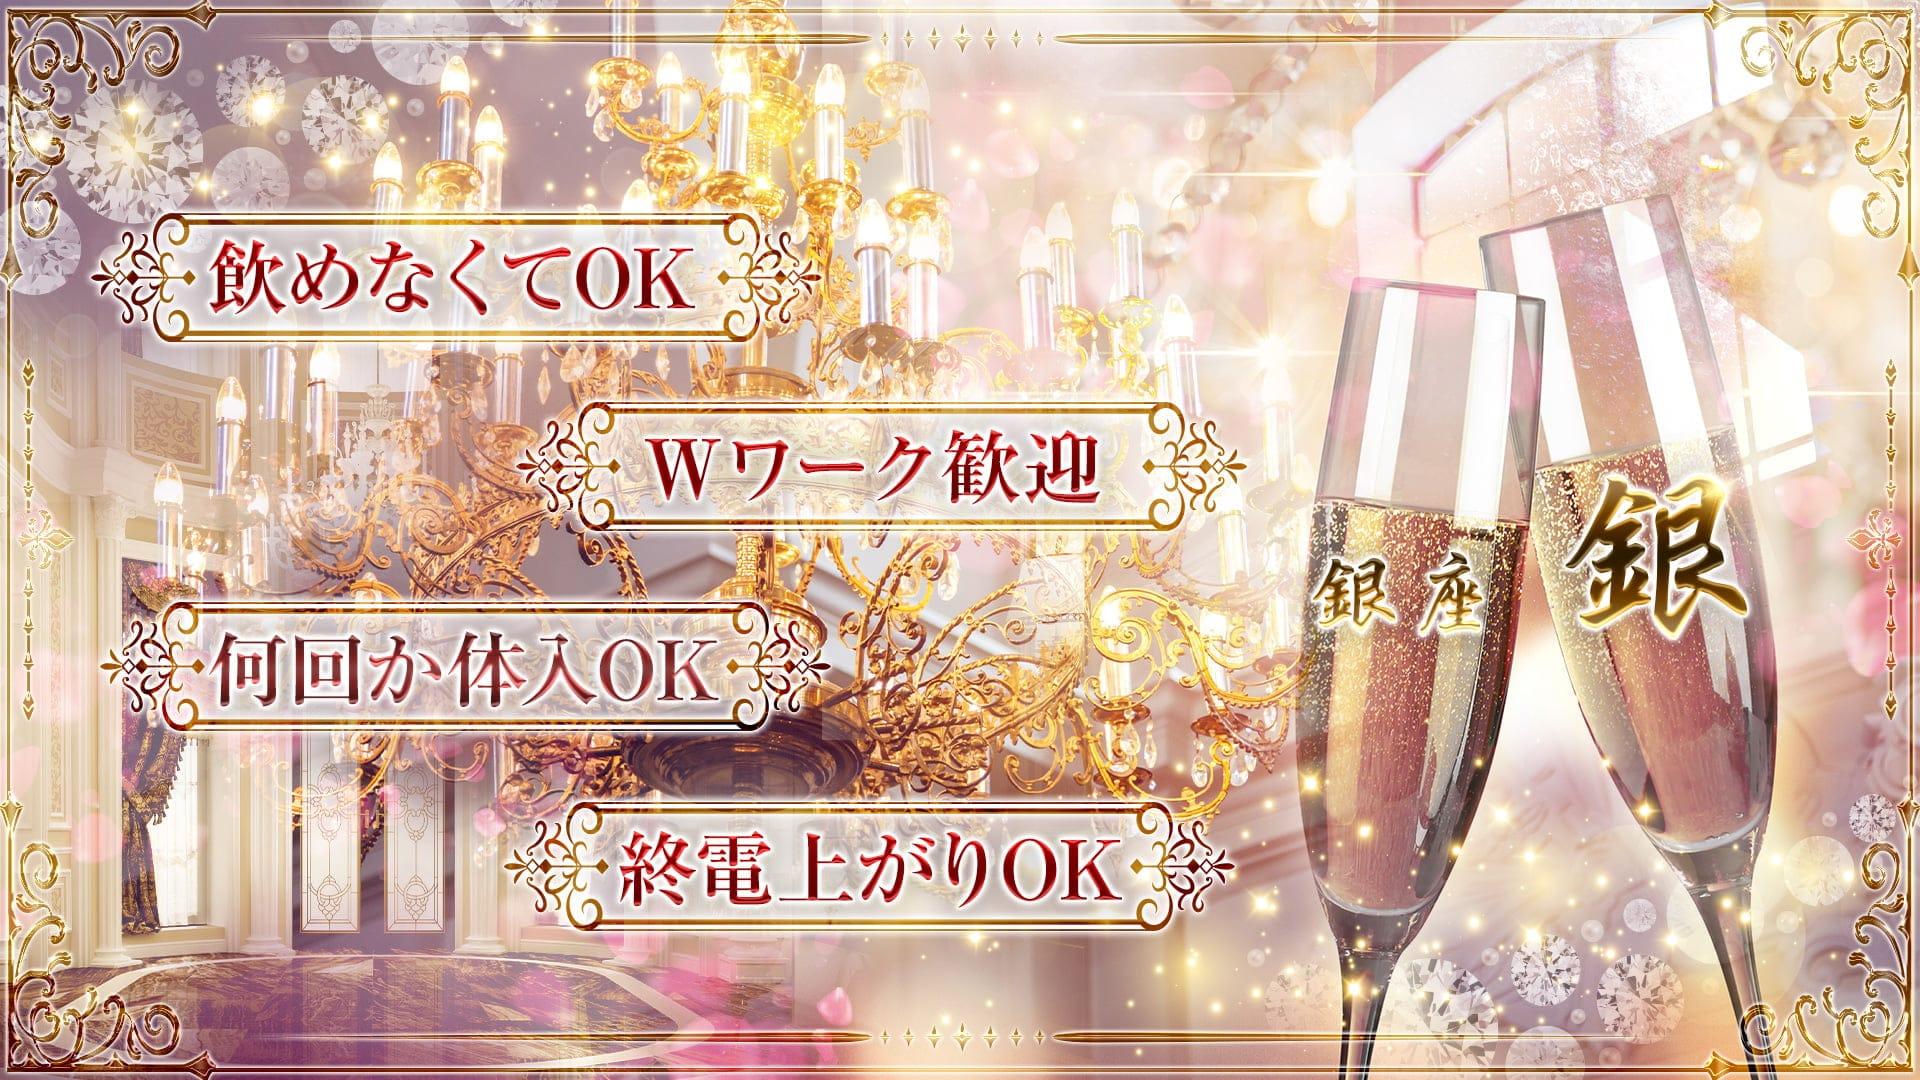 銀座 Club銀(ギン)【公式求人・体入情報】 銀座ニュークラブ TOP画像